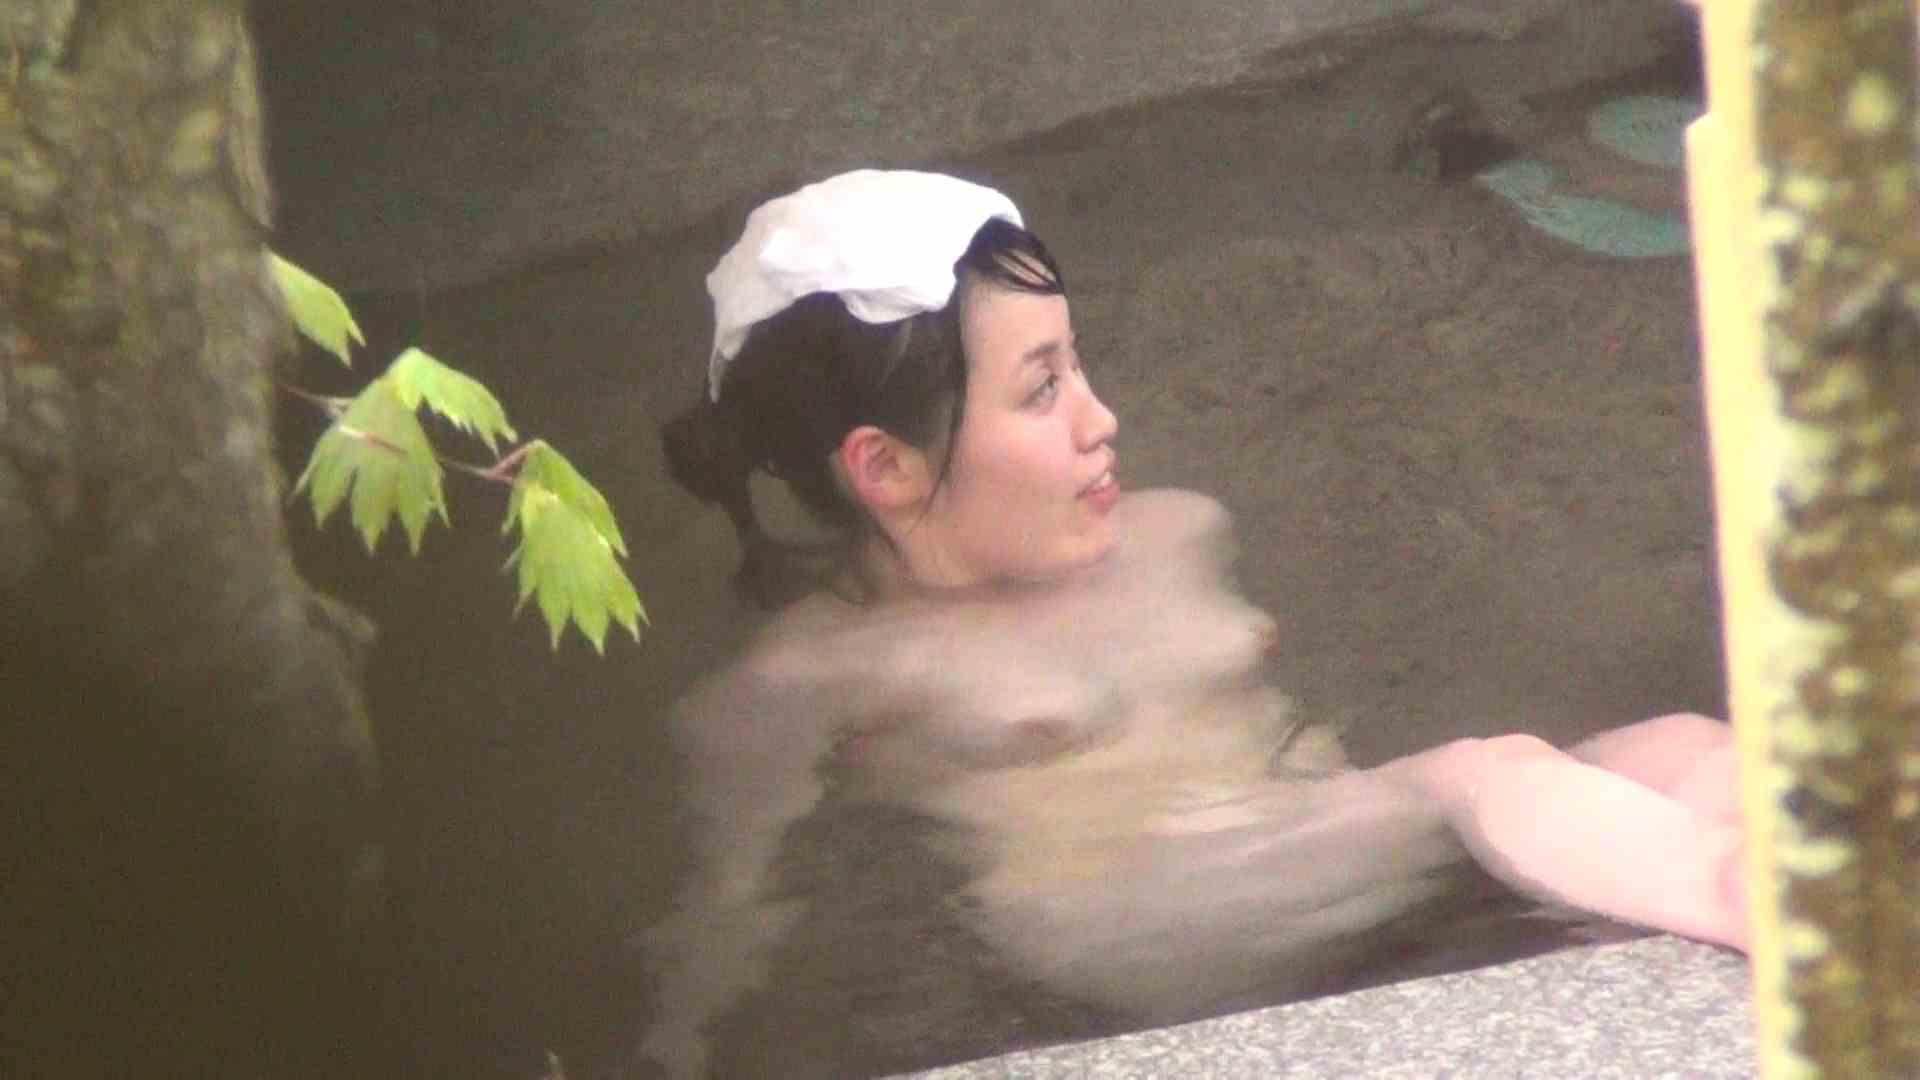 Aquaな露天風呂Vol.235 露天風呂  10枚 10